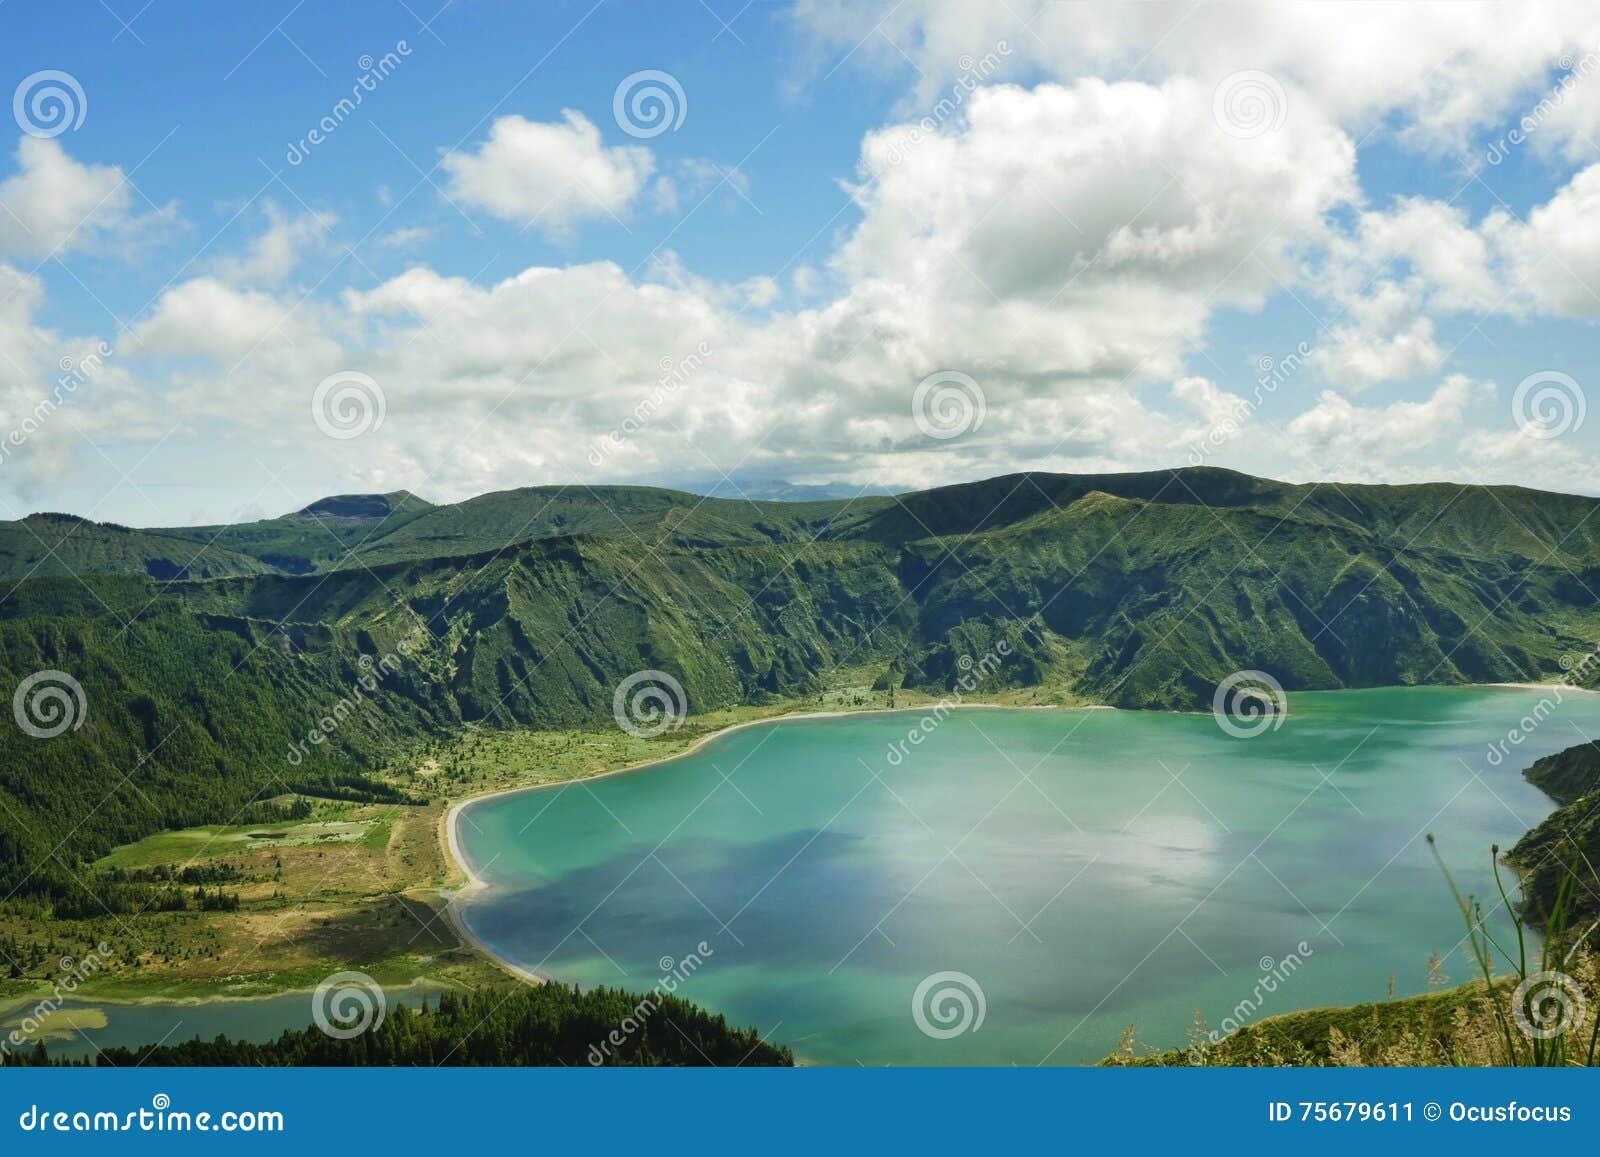 惊人的风景视图火山口火山湖在圣地亚速尔群岛的米格尔海岛在葡萄牙在绿松石颜色水中